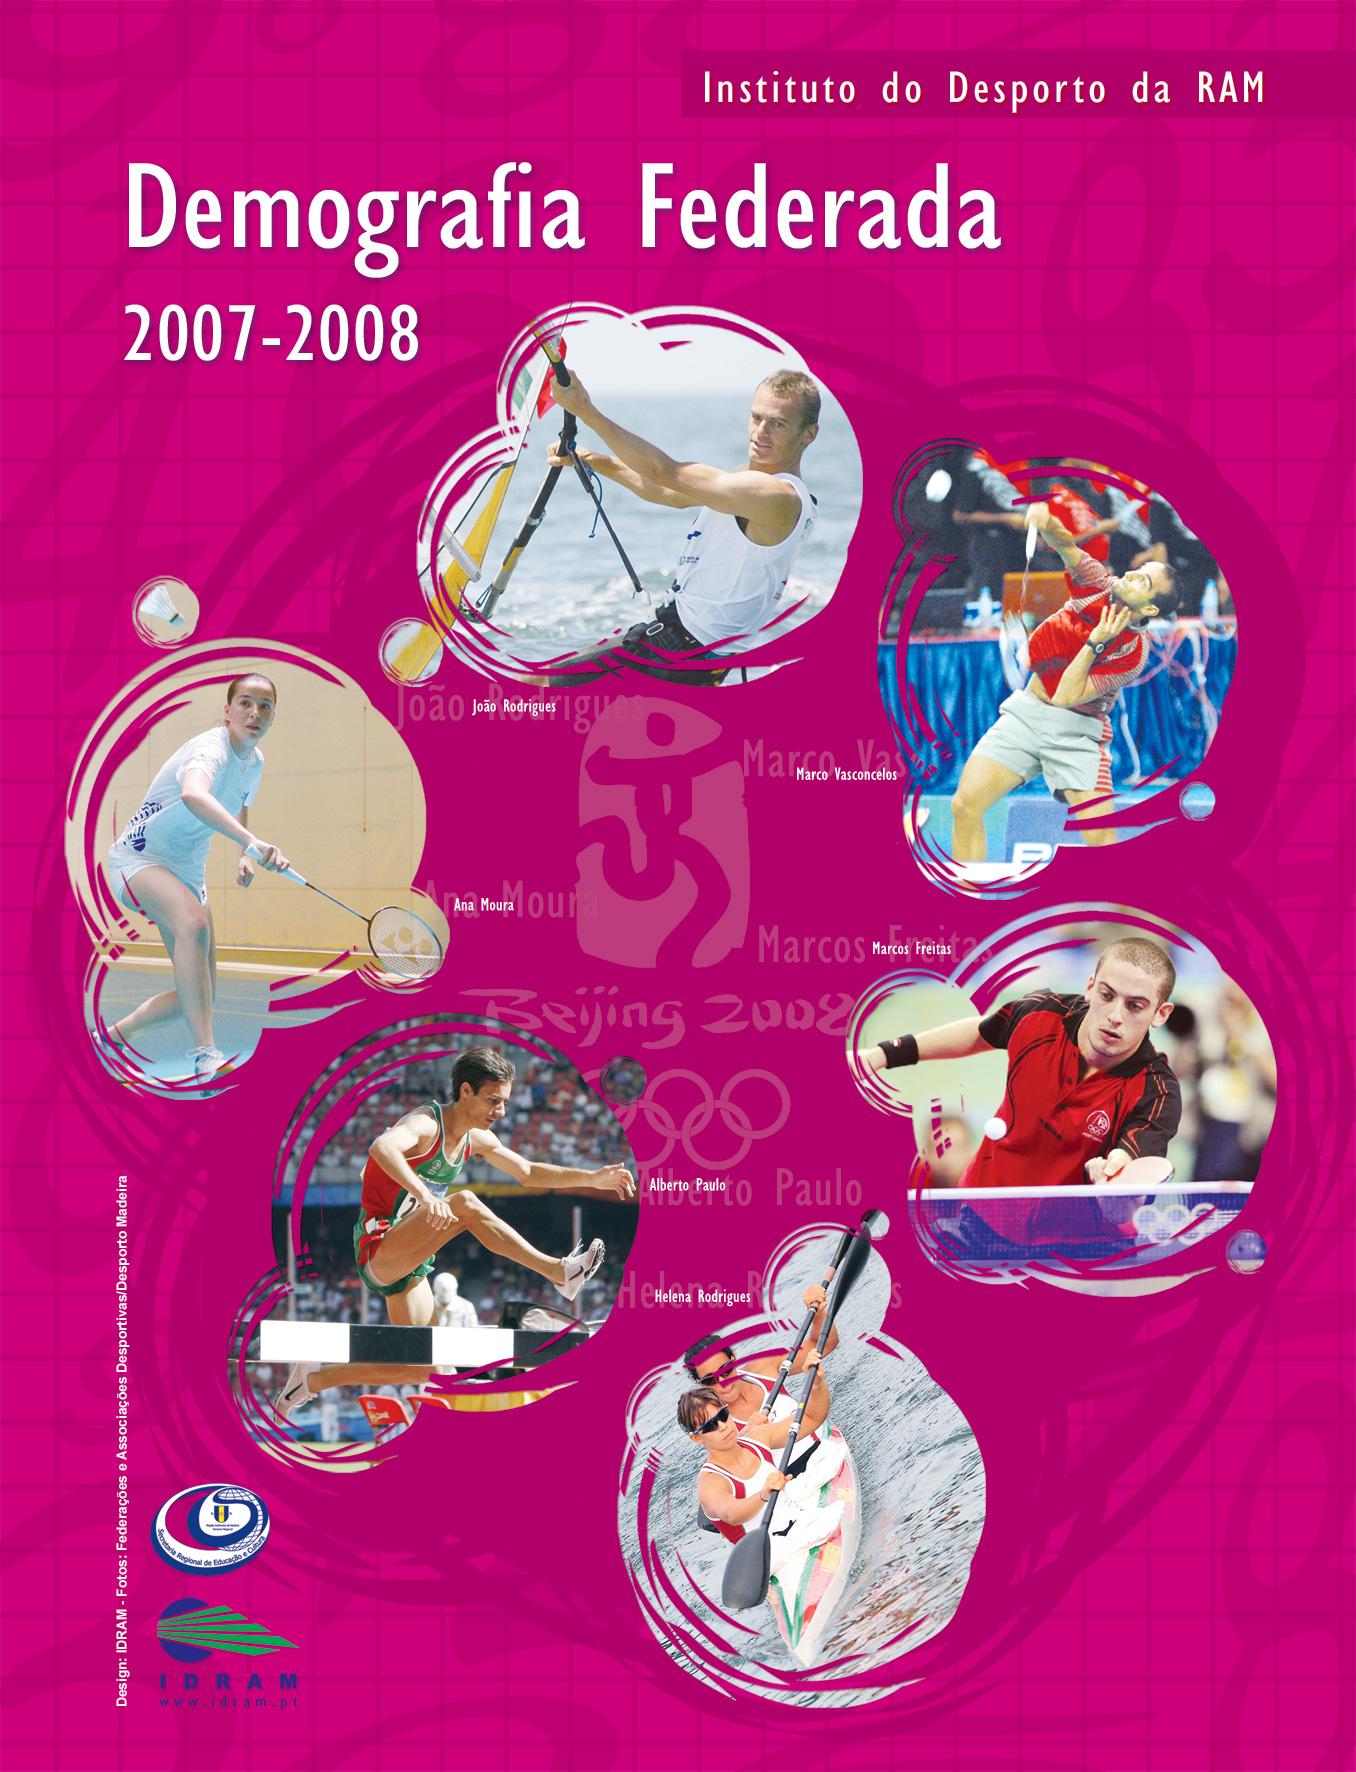 Demografia Federada 2007/2008